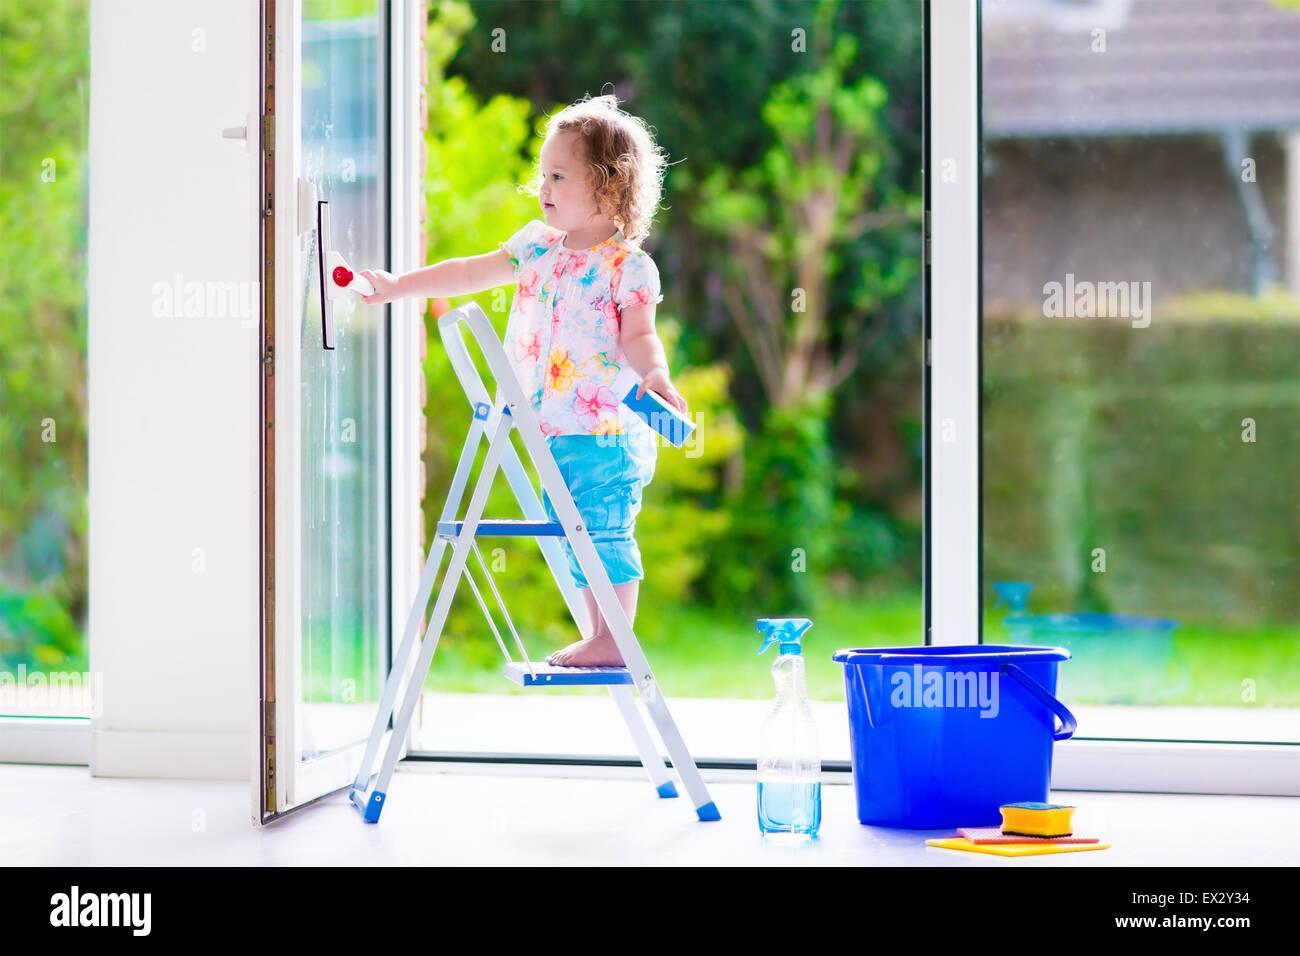 Kleines Mädchen waschen ein Fenster. Kinder das Haus zu reinigen. Kindern helfen zu Hause. Kleinkind Kind Reinigung Stockbild